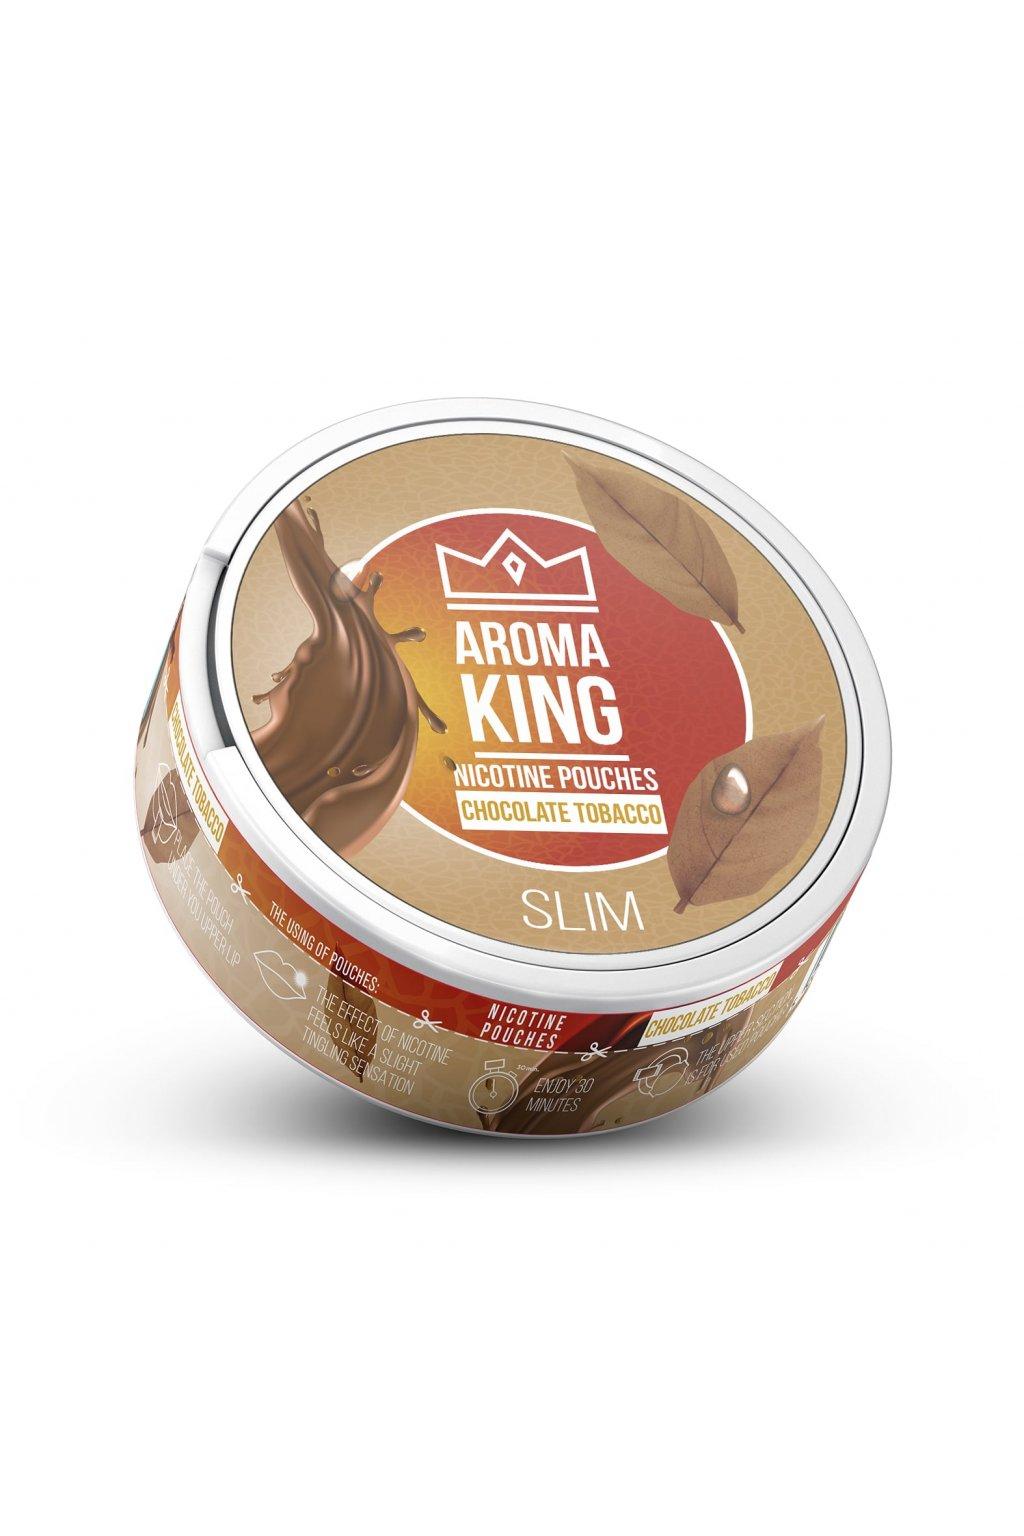 aroma king chocolate tobacco 60 mg 20 mg nikotinove sacky nicopods